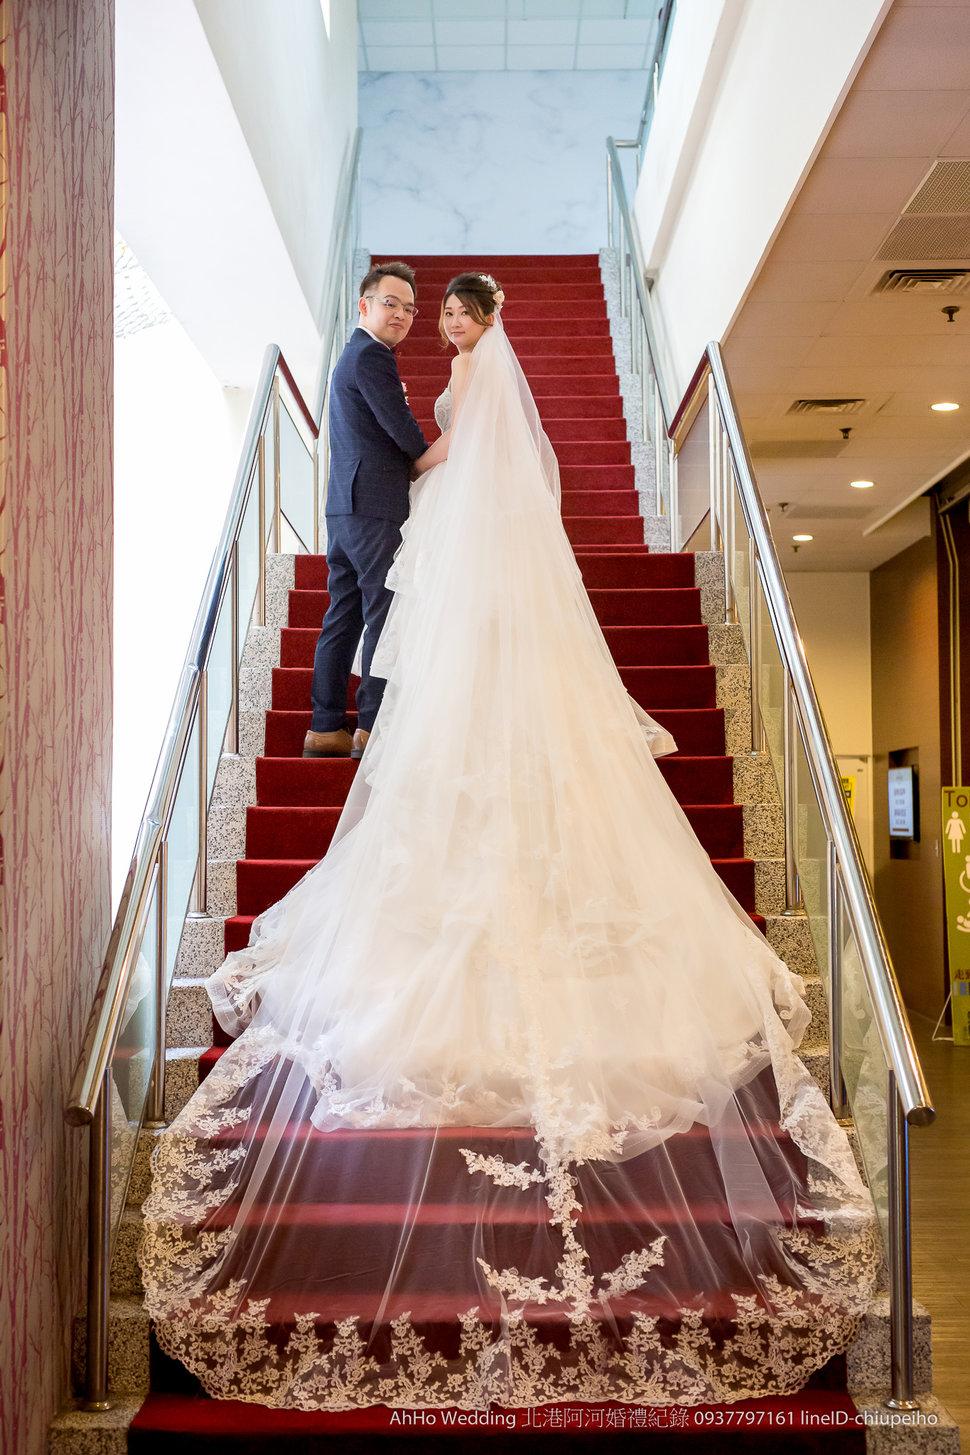 AhHo Wedding   LINE ID  chiupeiho-214 - AhHoWedding/阿河婚攝《結婚吧》